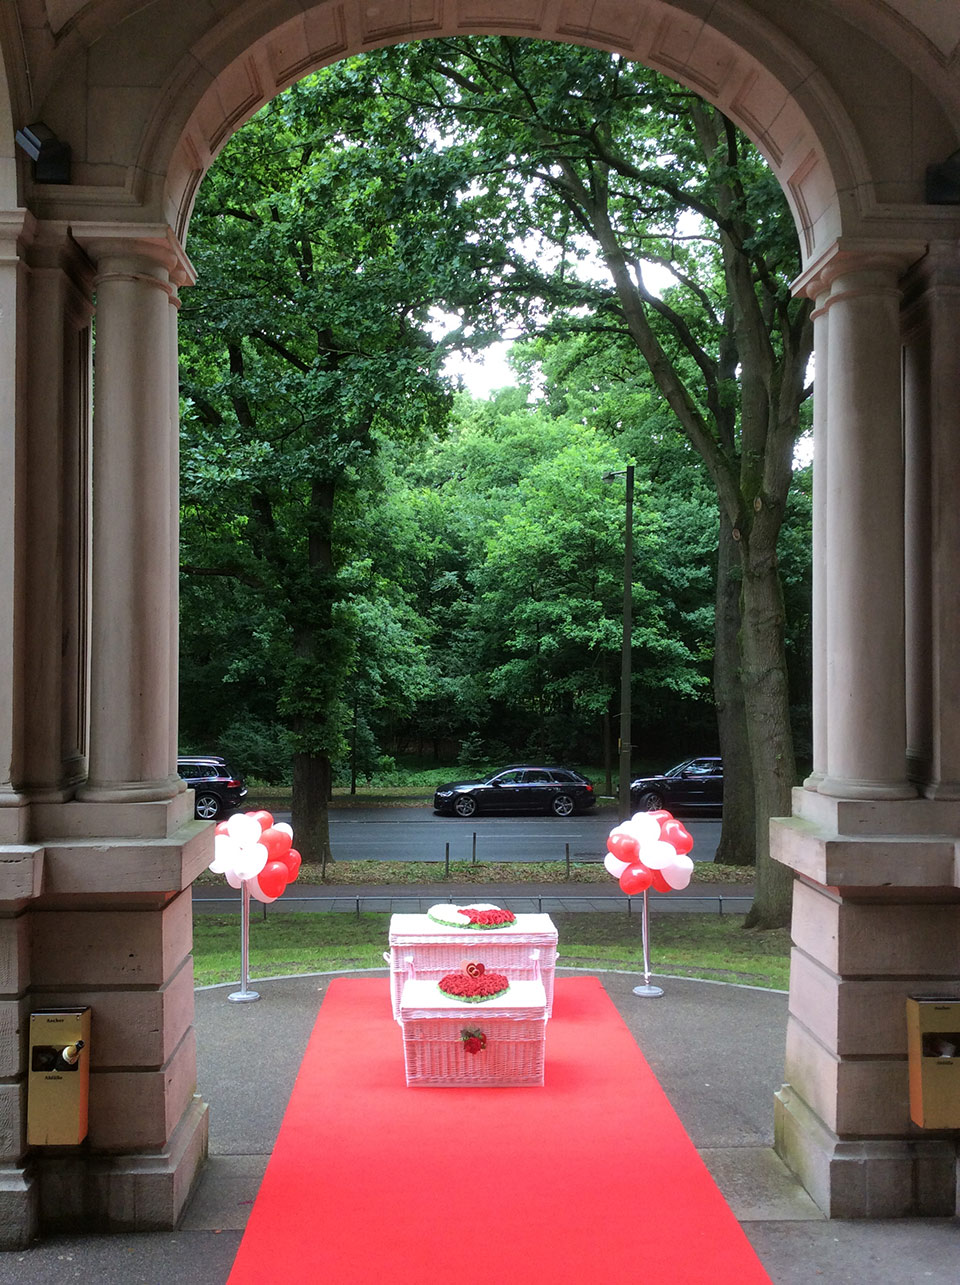 Freier-Trauredner-Sektempfang-Hochzeitstauben-Hochzeitsballons-Peter-Brocks-3